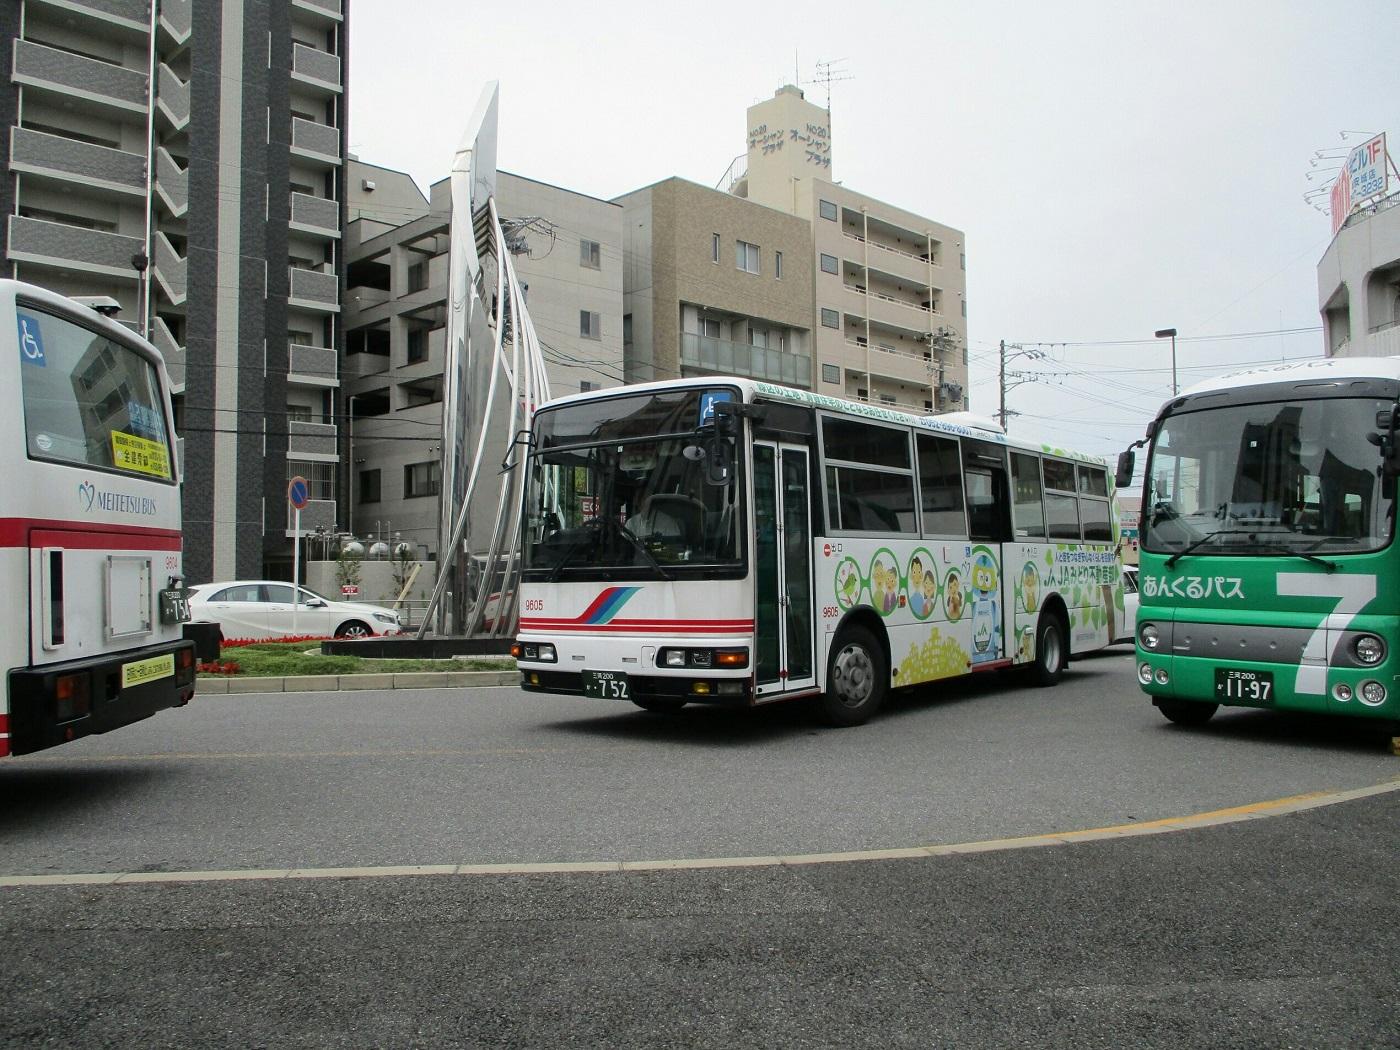 2018.6.21 (4) しんあんじょう - しんあんじょういきバス 1400-1050